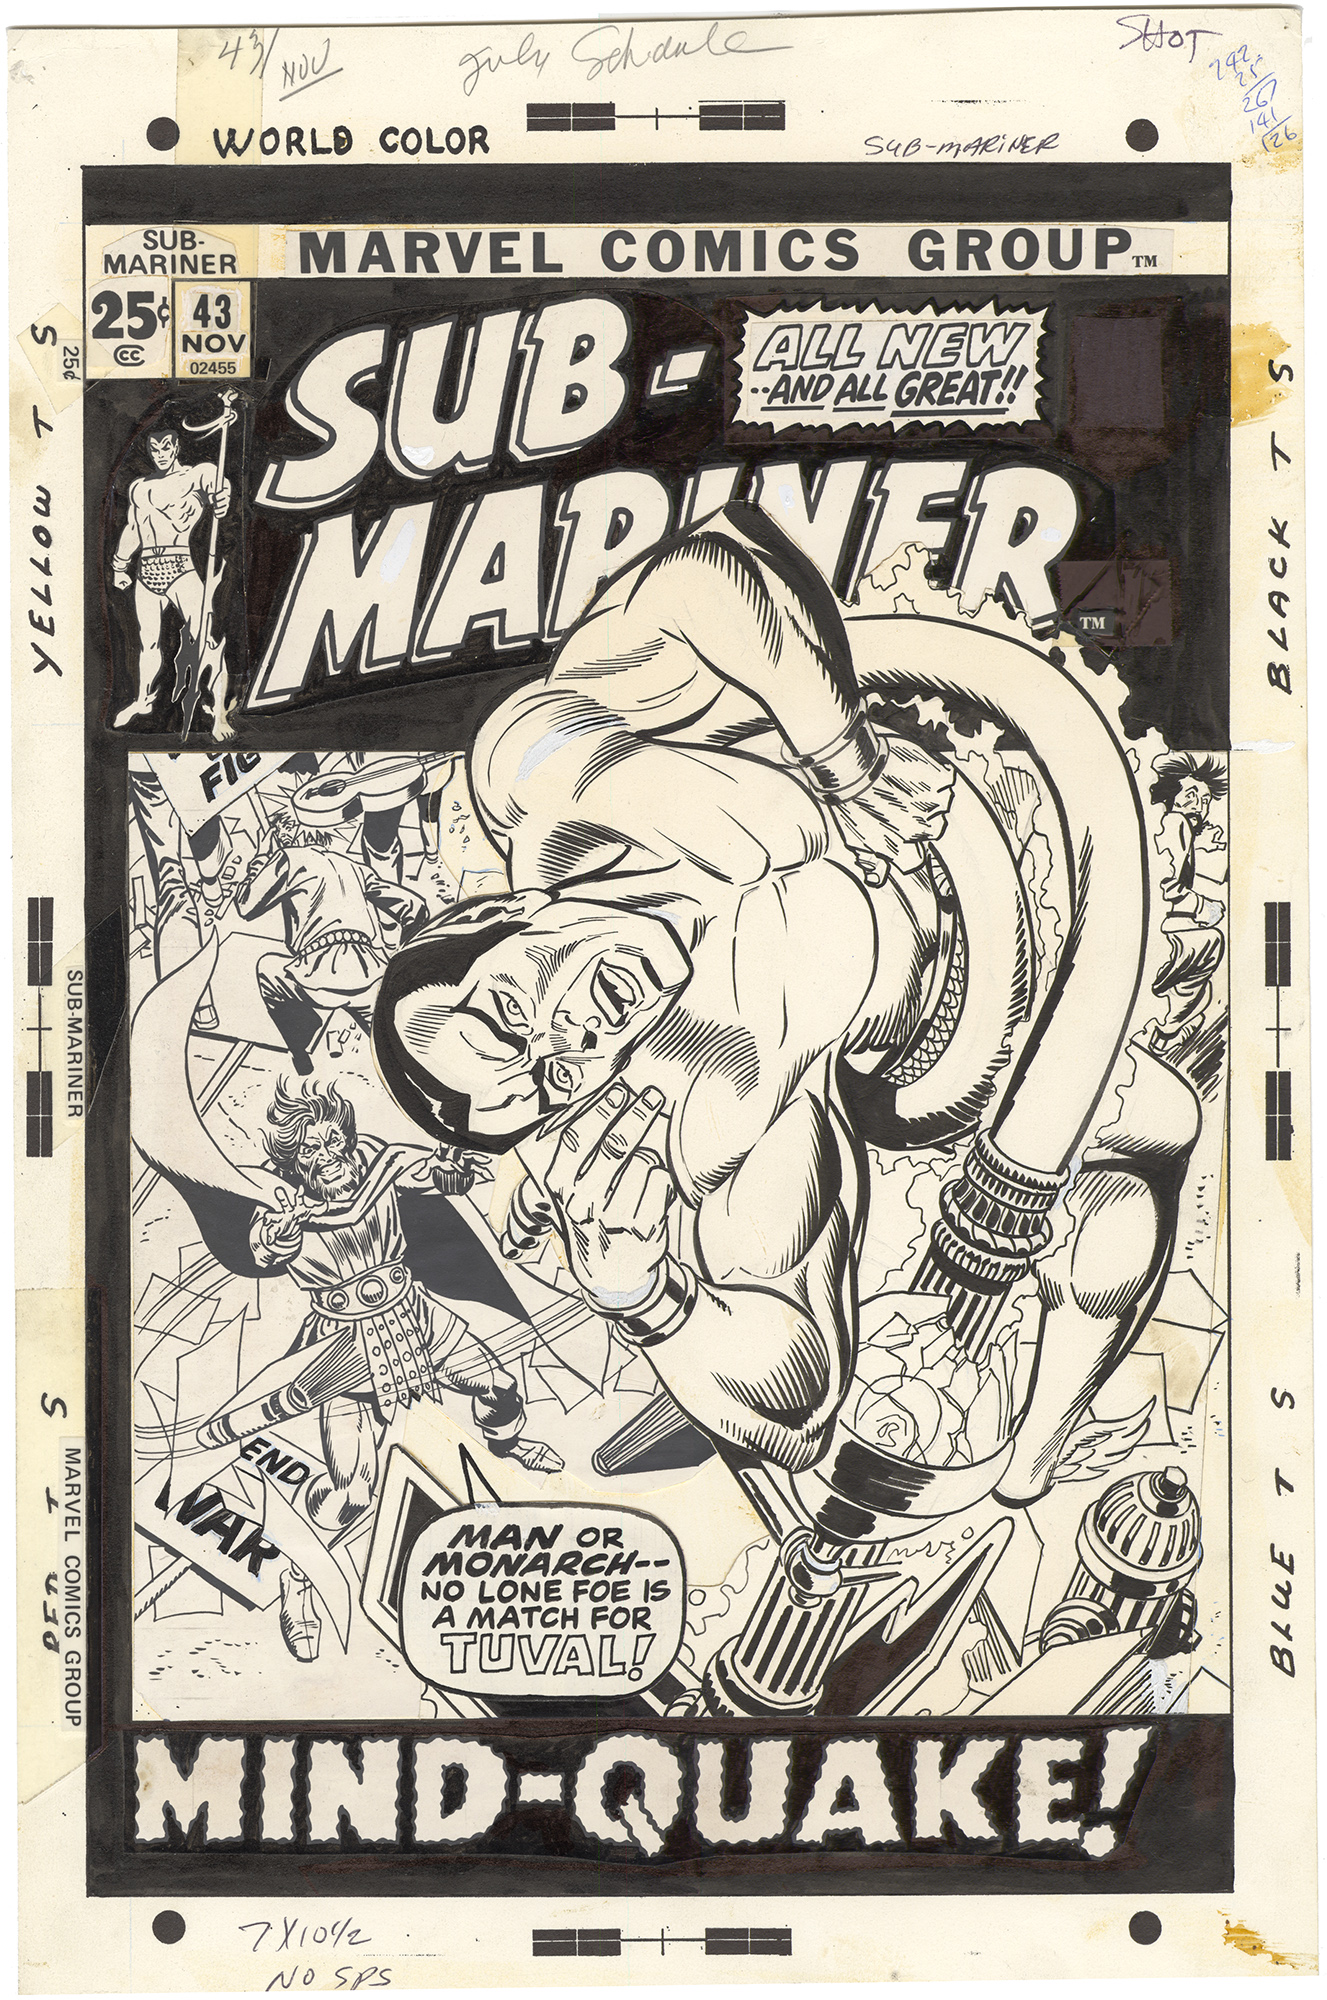 Sub-Mariner #43 Cover